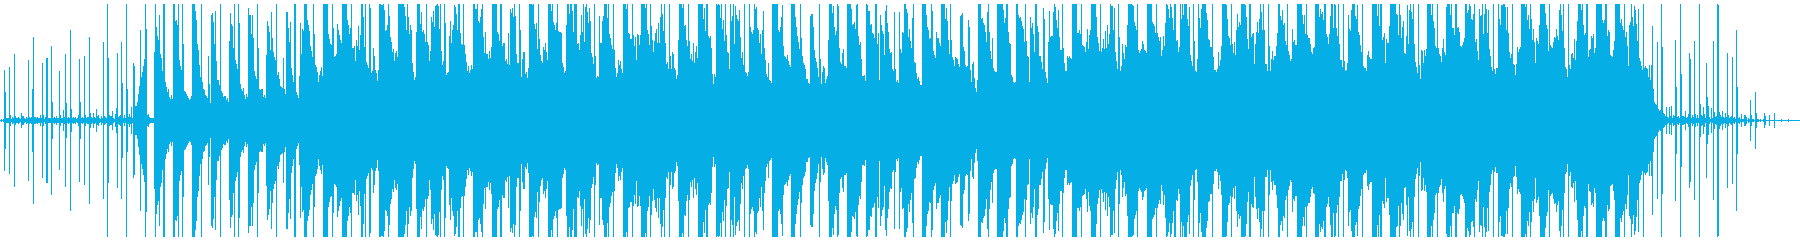 真夜中の静けさをイメージしたLofiの再生済みの波形